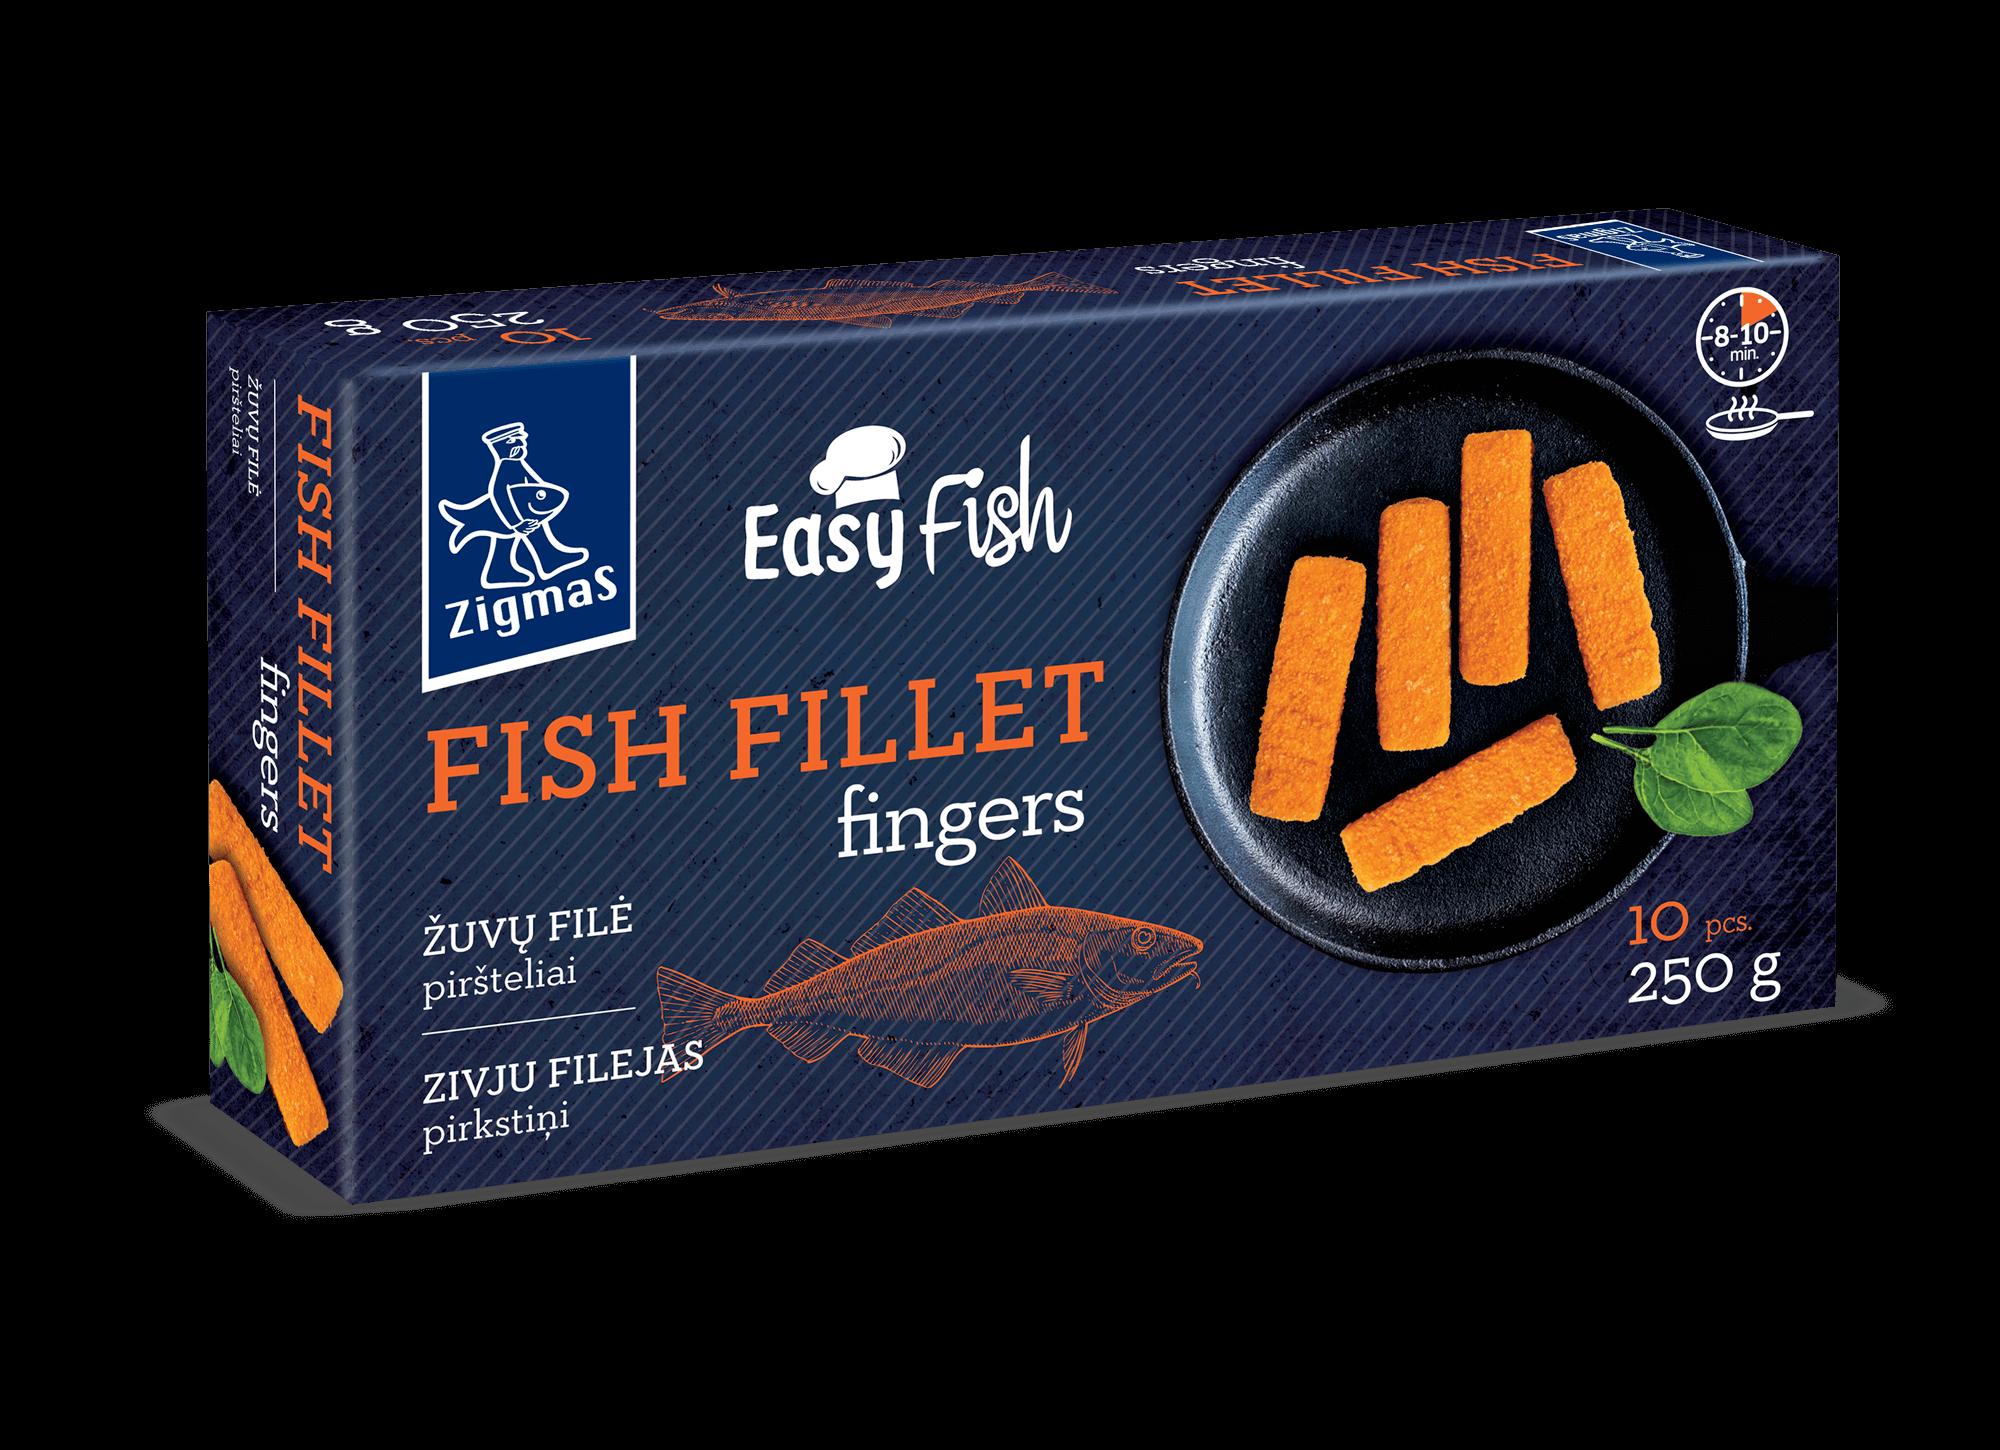 Žuvų filė piršteliai